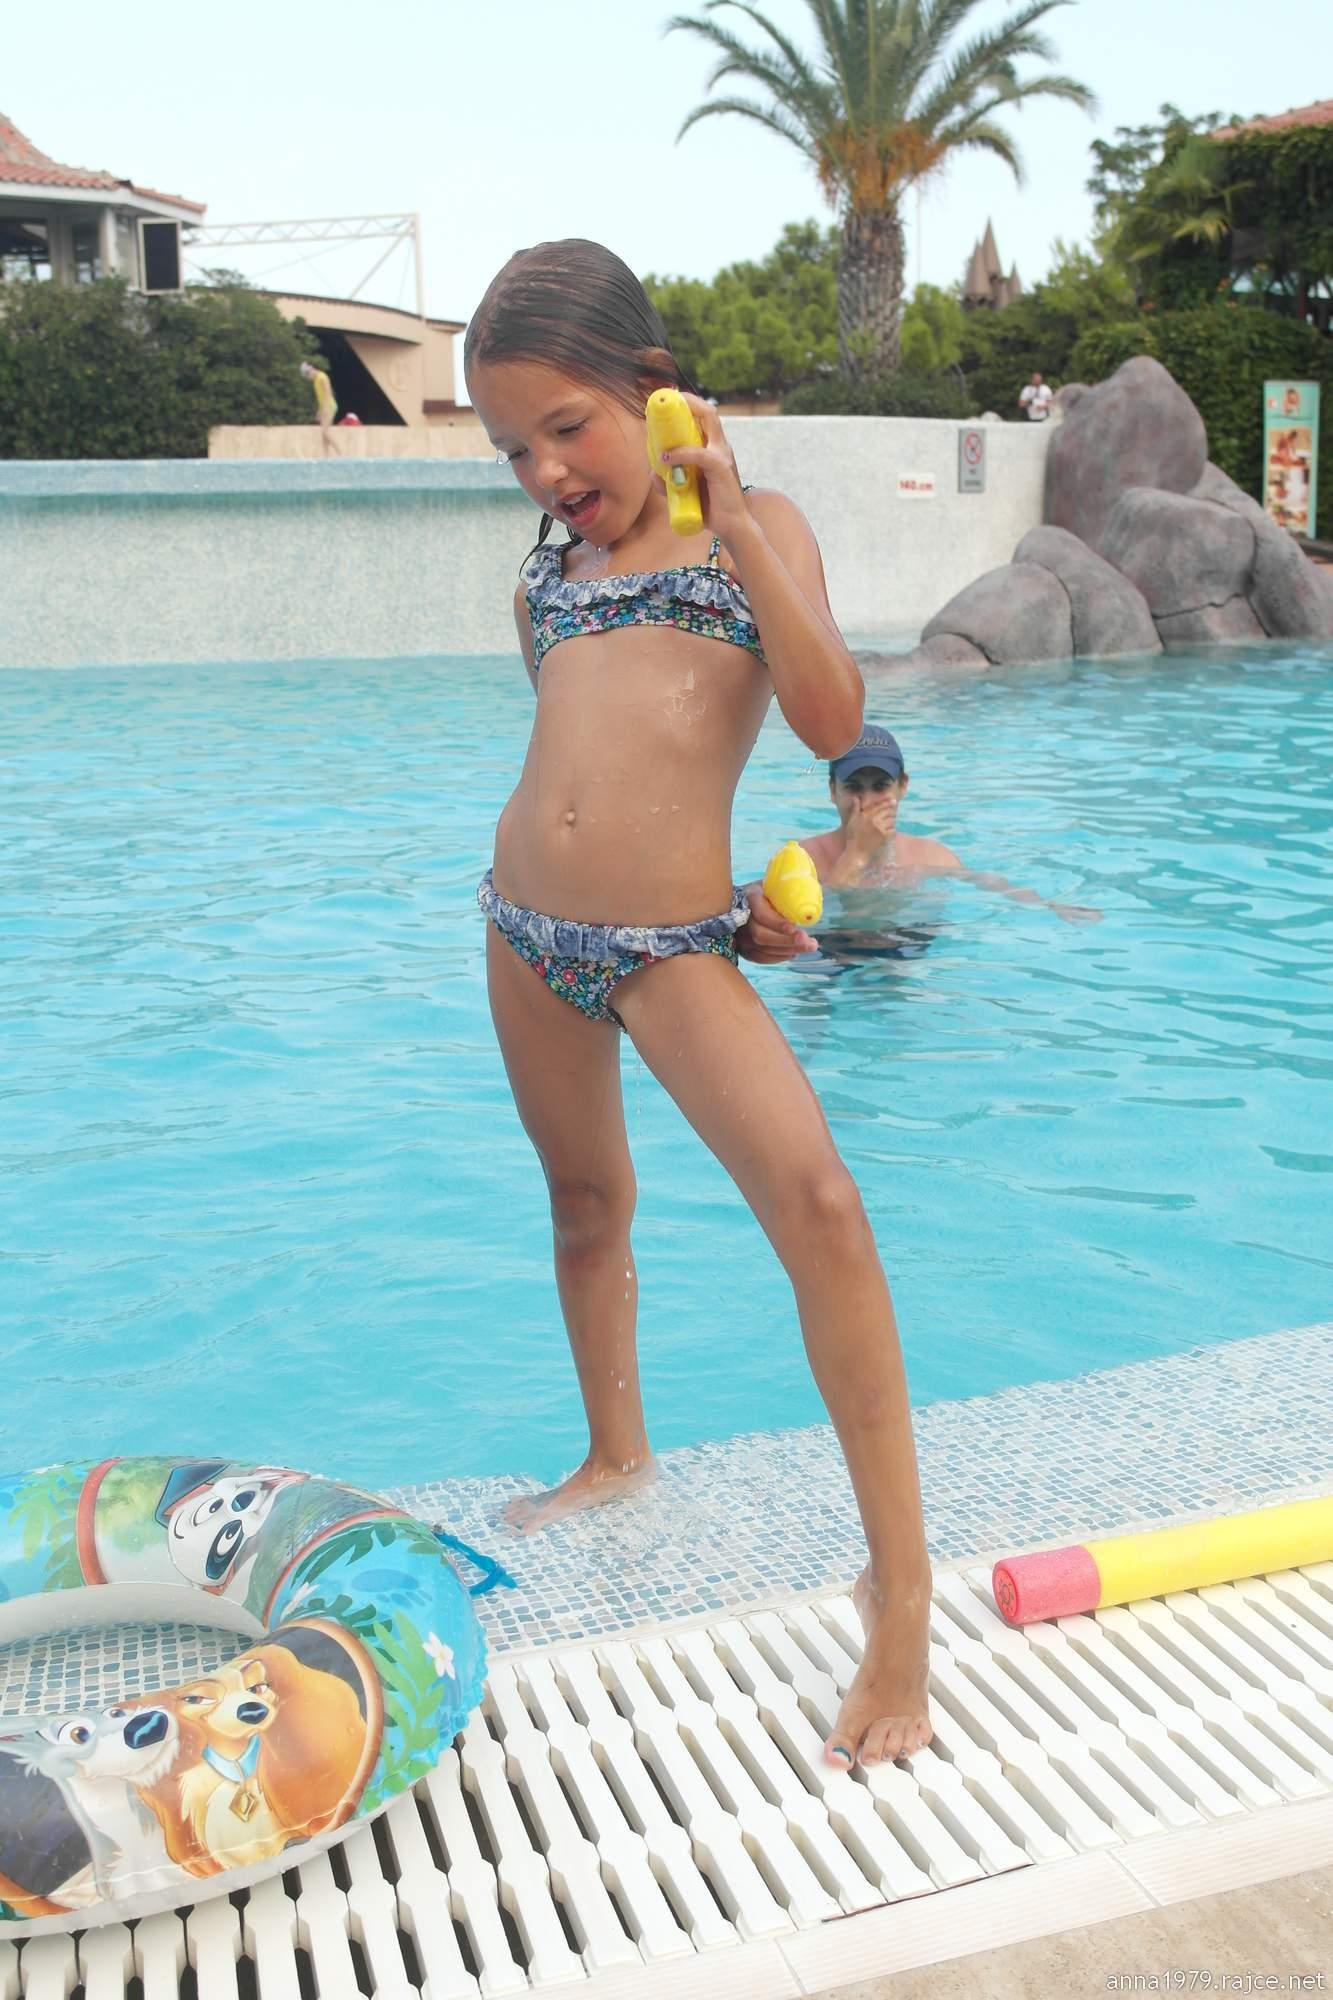 Iryna ivanova model nude